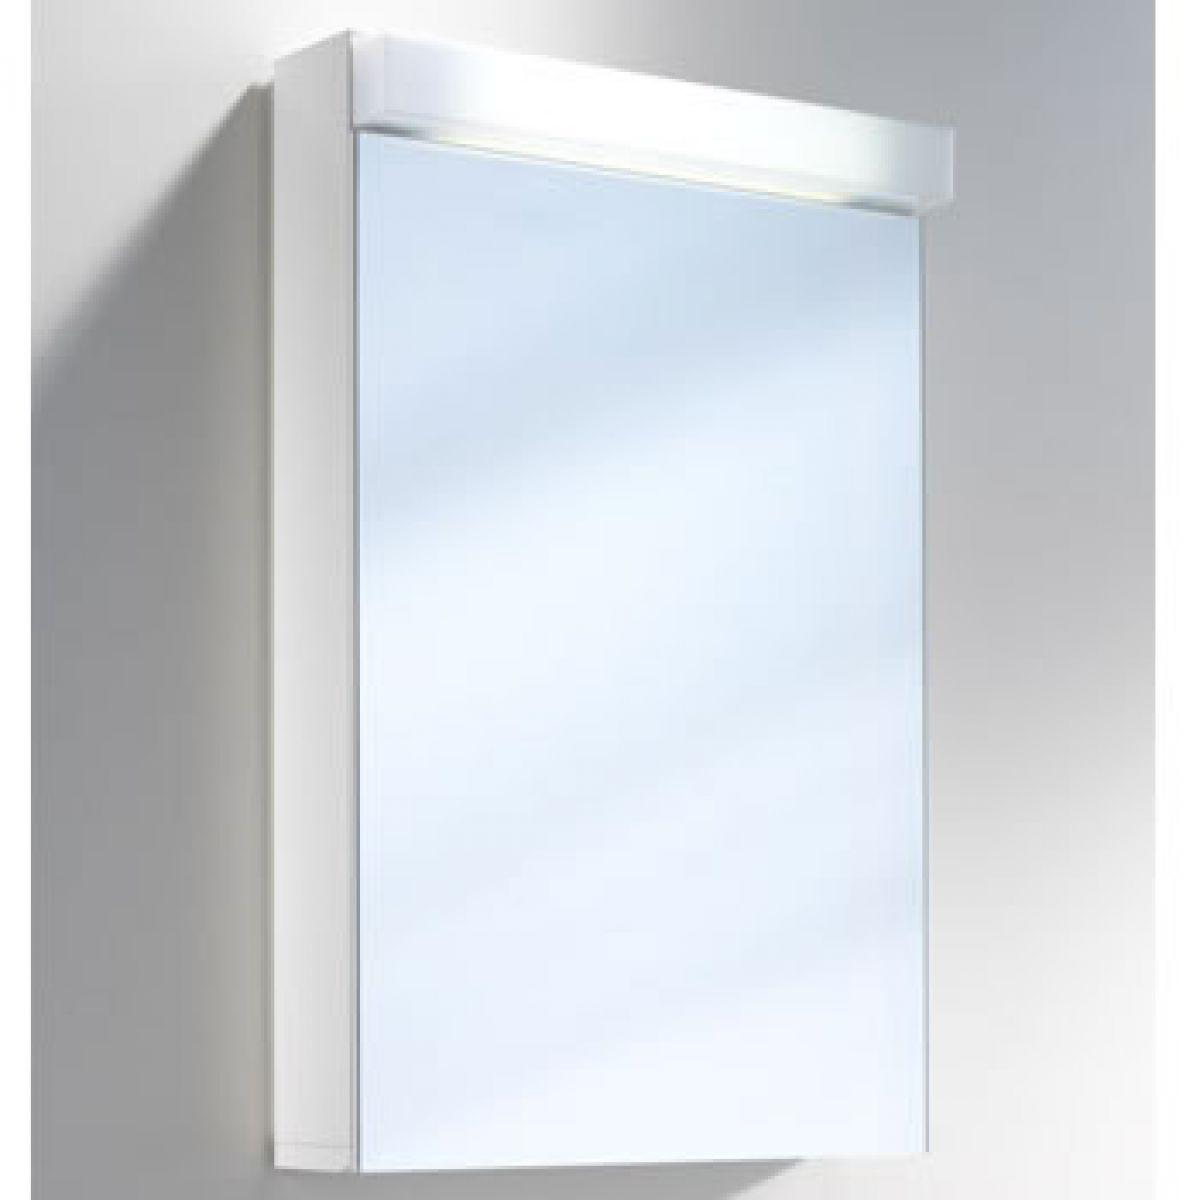 Bathroom Light Cabinet: Schneider Lowline Mirror Cabinet With Light : UK Bathrooms